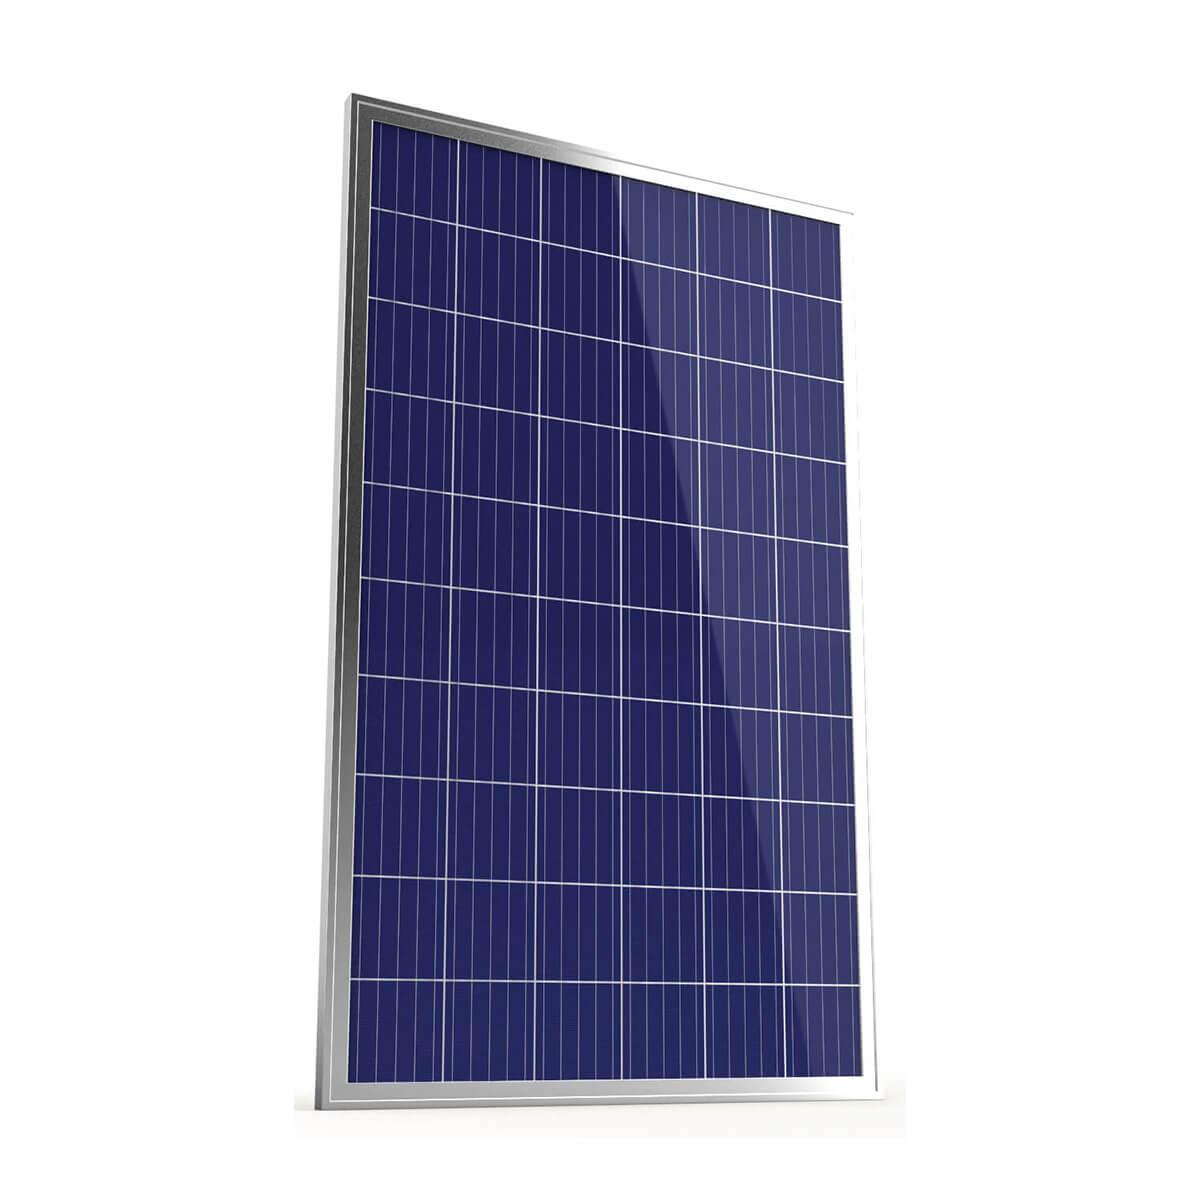 2h enerji winasol 285W panel, 2h enerji winasol 285Watt panel, 2h enerji winasol 285 W panel, 2h enerji winasol 285 Watt panel, 2h enerji winasol 285 Watt polikristal panel, 2h enerji winasol 285 W watt gunes paneli, 2h enerji winasol 285 W watt polikristal gunes paneli, 2h enerji winasol 285 W Watt fotovoltaik polikristal solar panel, 2h enerji winasol 285W polikristal gunes enerjisi, 2h enerji winasol 60-285W panel, WINASOL 285 WATT